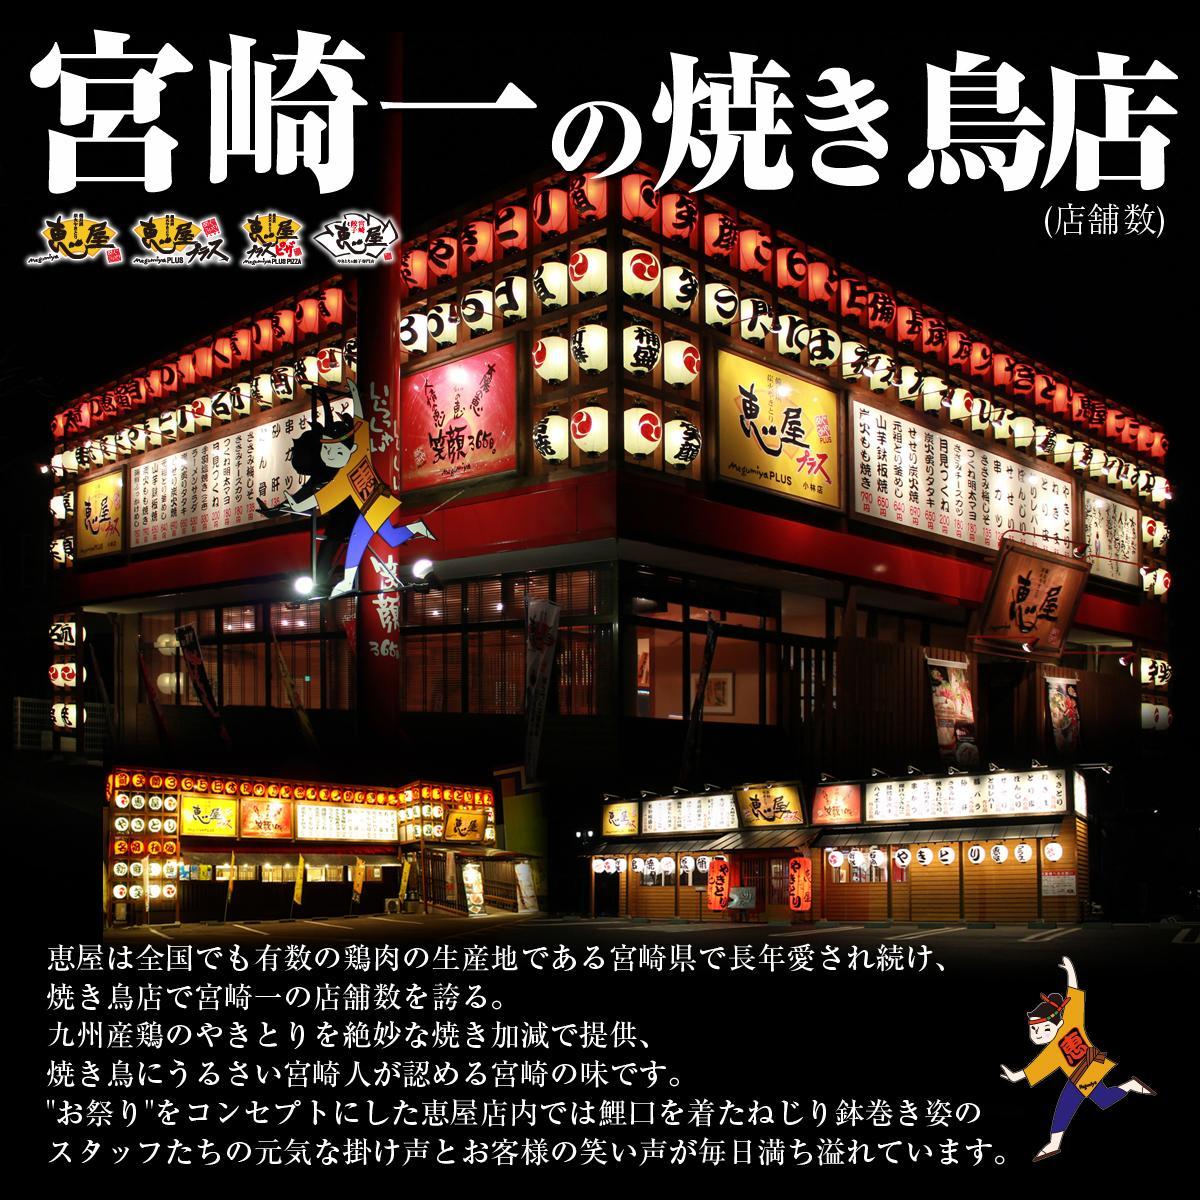 宮崎一の店舗数 恵屋